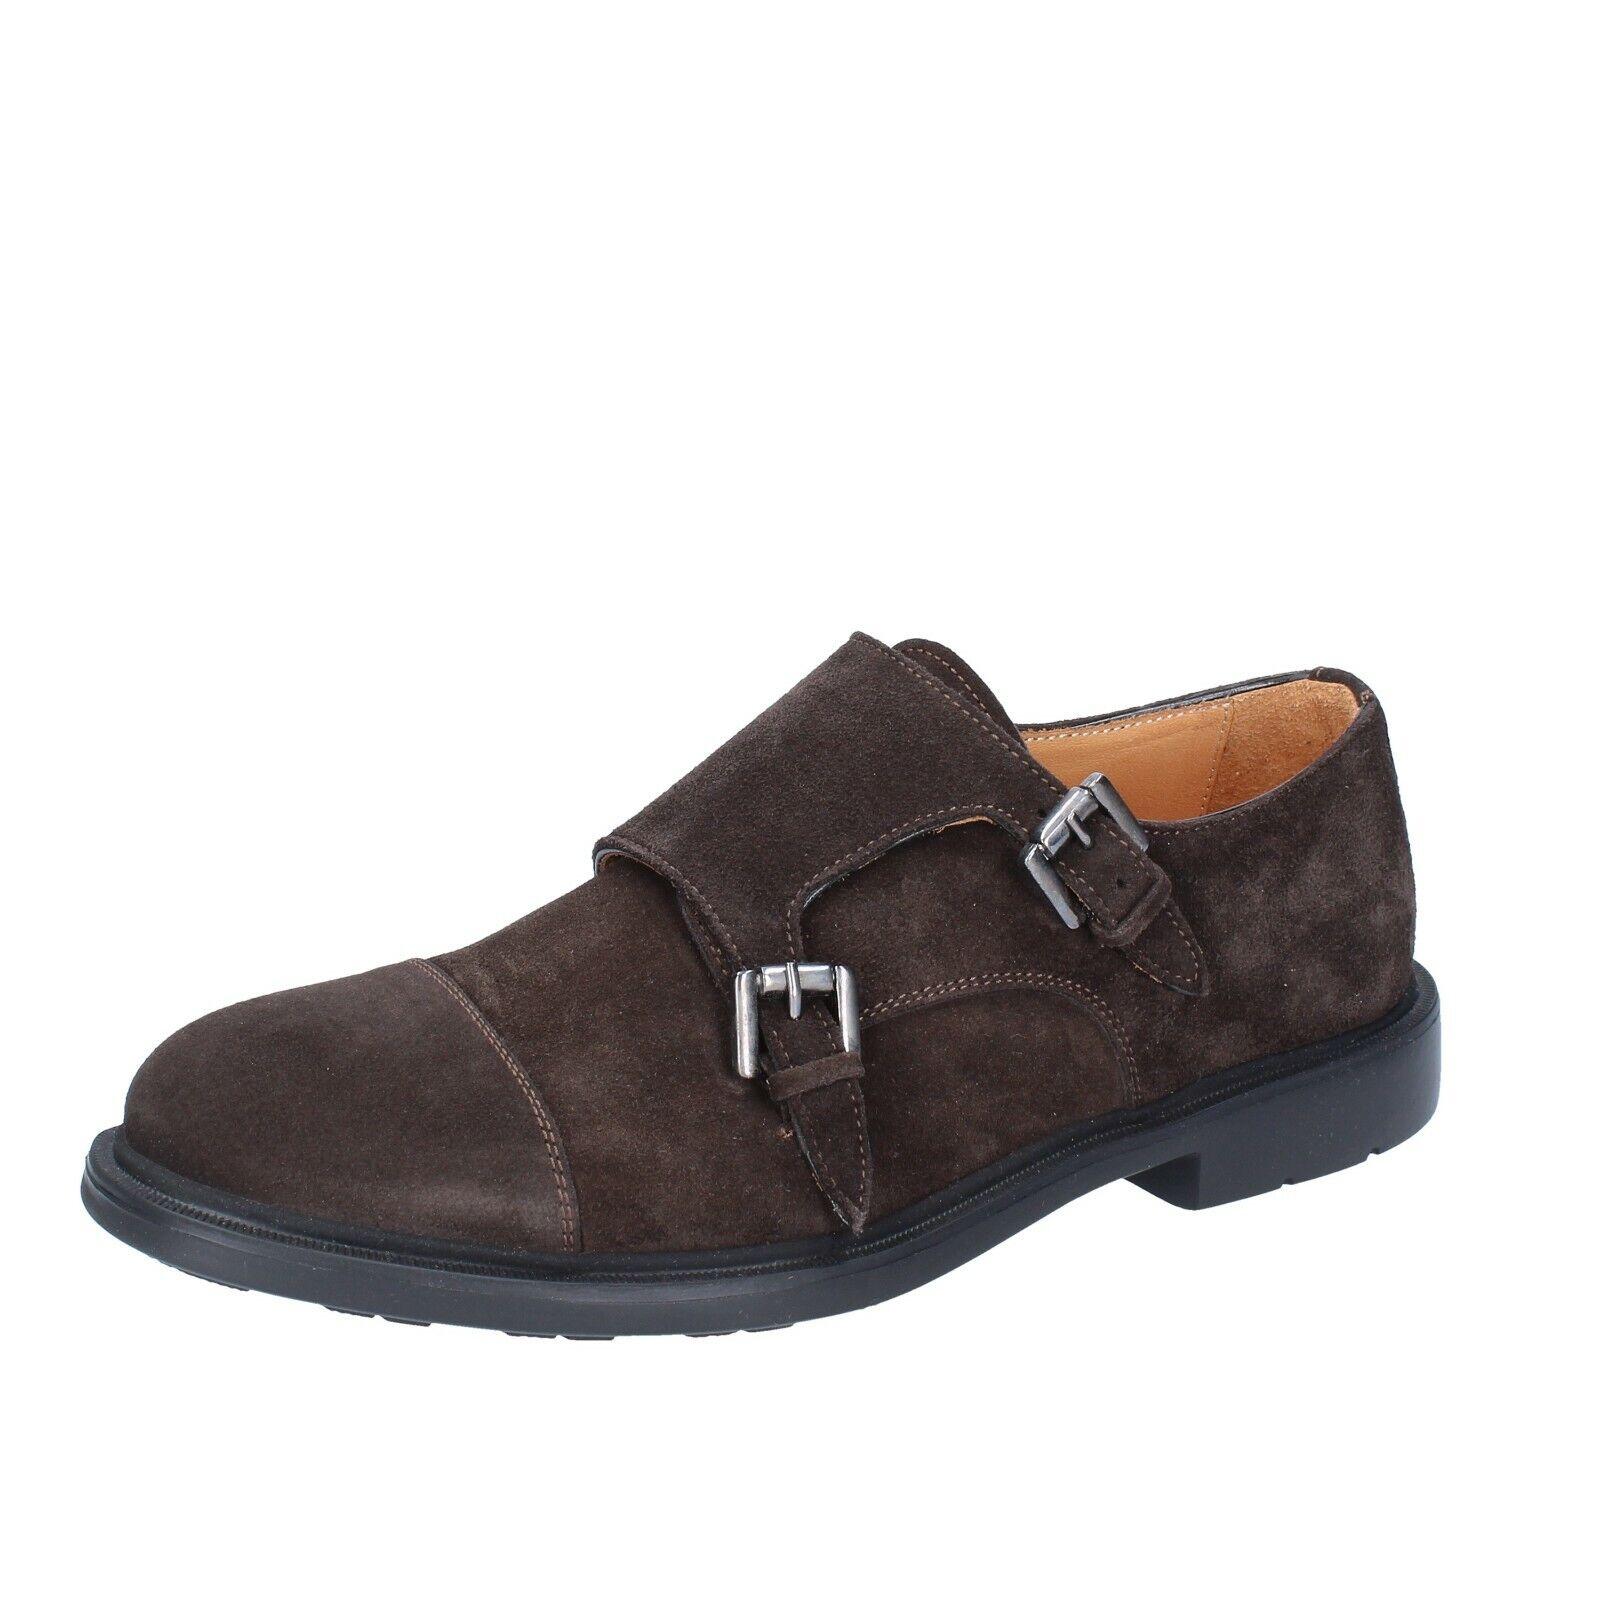 Men's shoes ZENITH 8 () elegant brown suede BS616-41